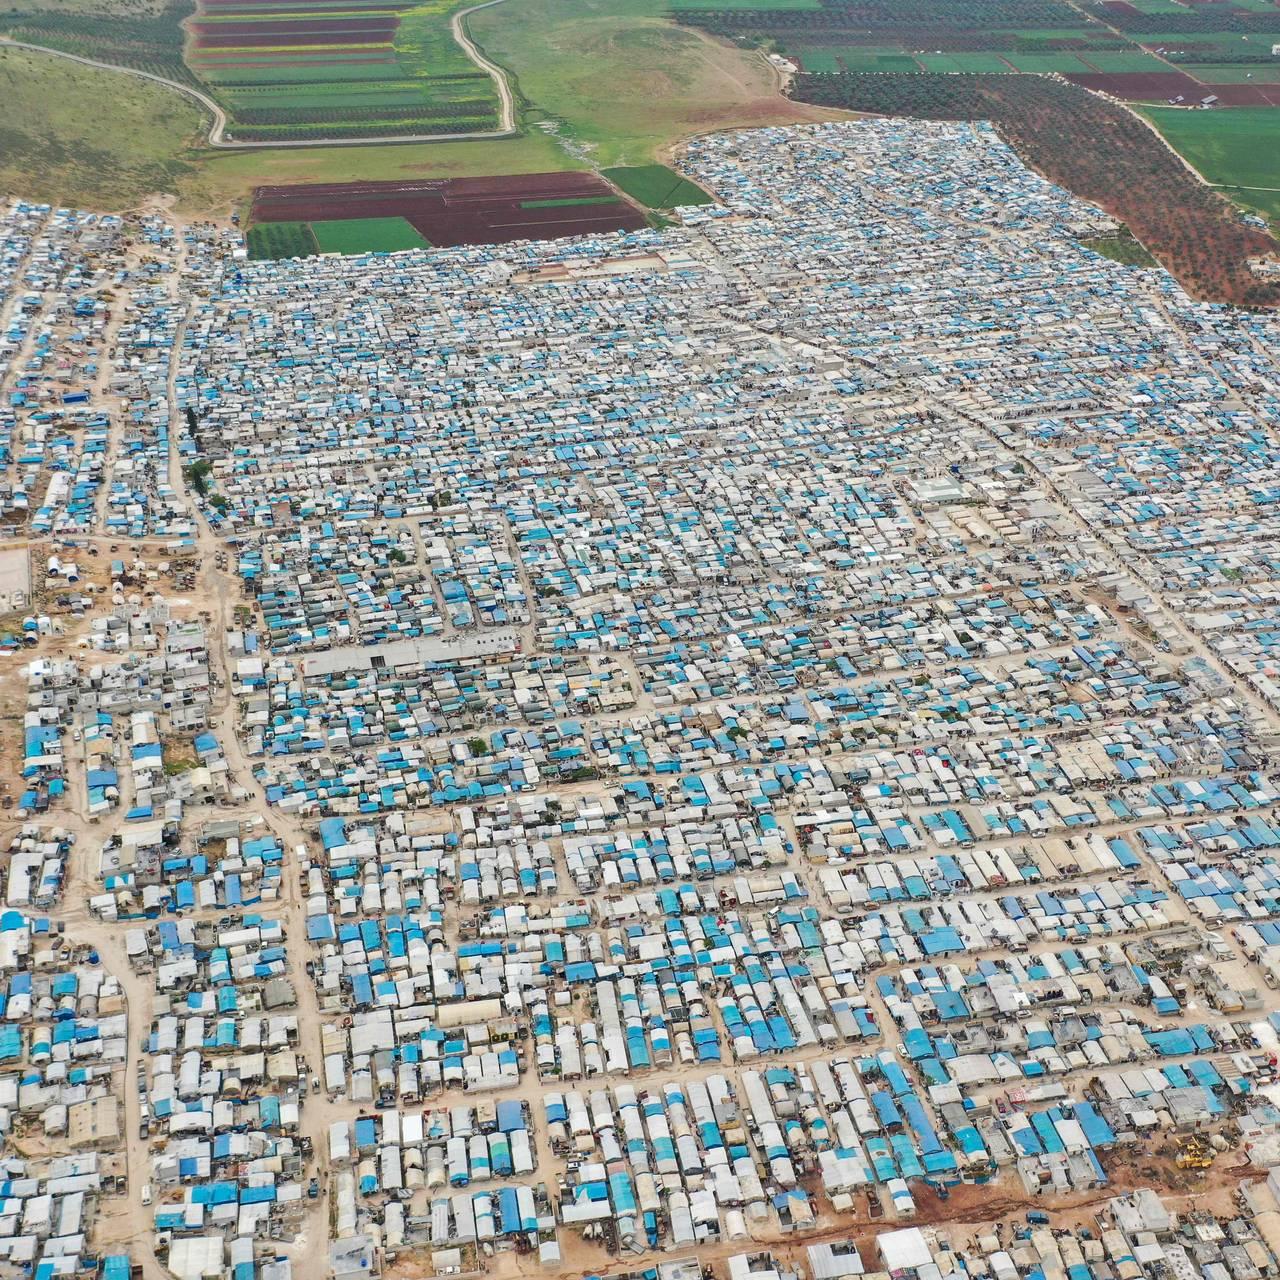 Et oversiktsbilde som viser en teltleir for flyktninger i Idblib-provinsen.